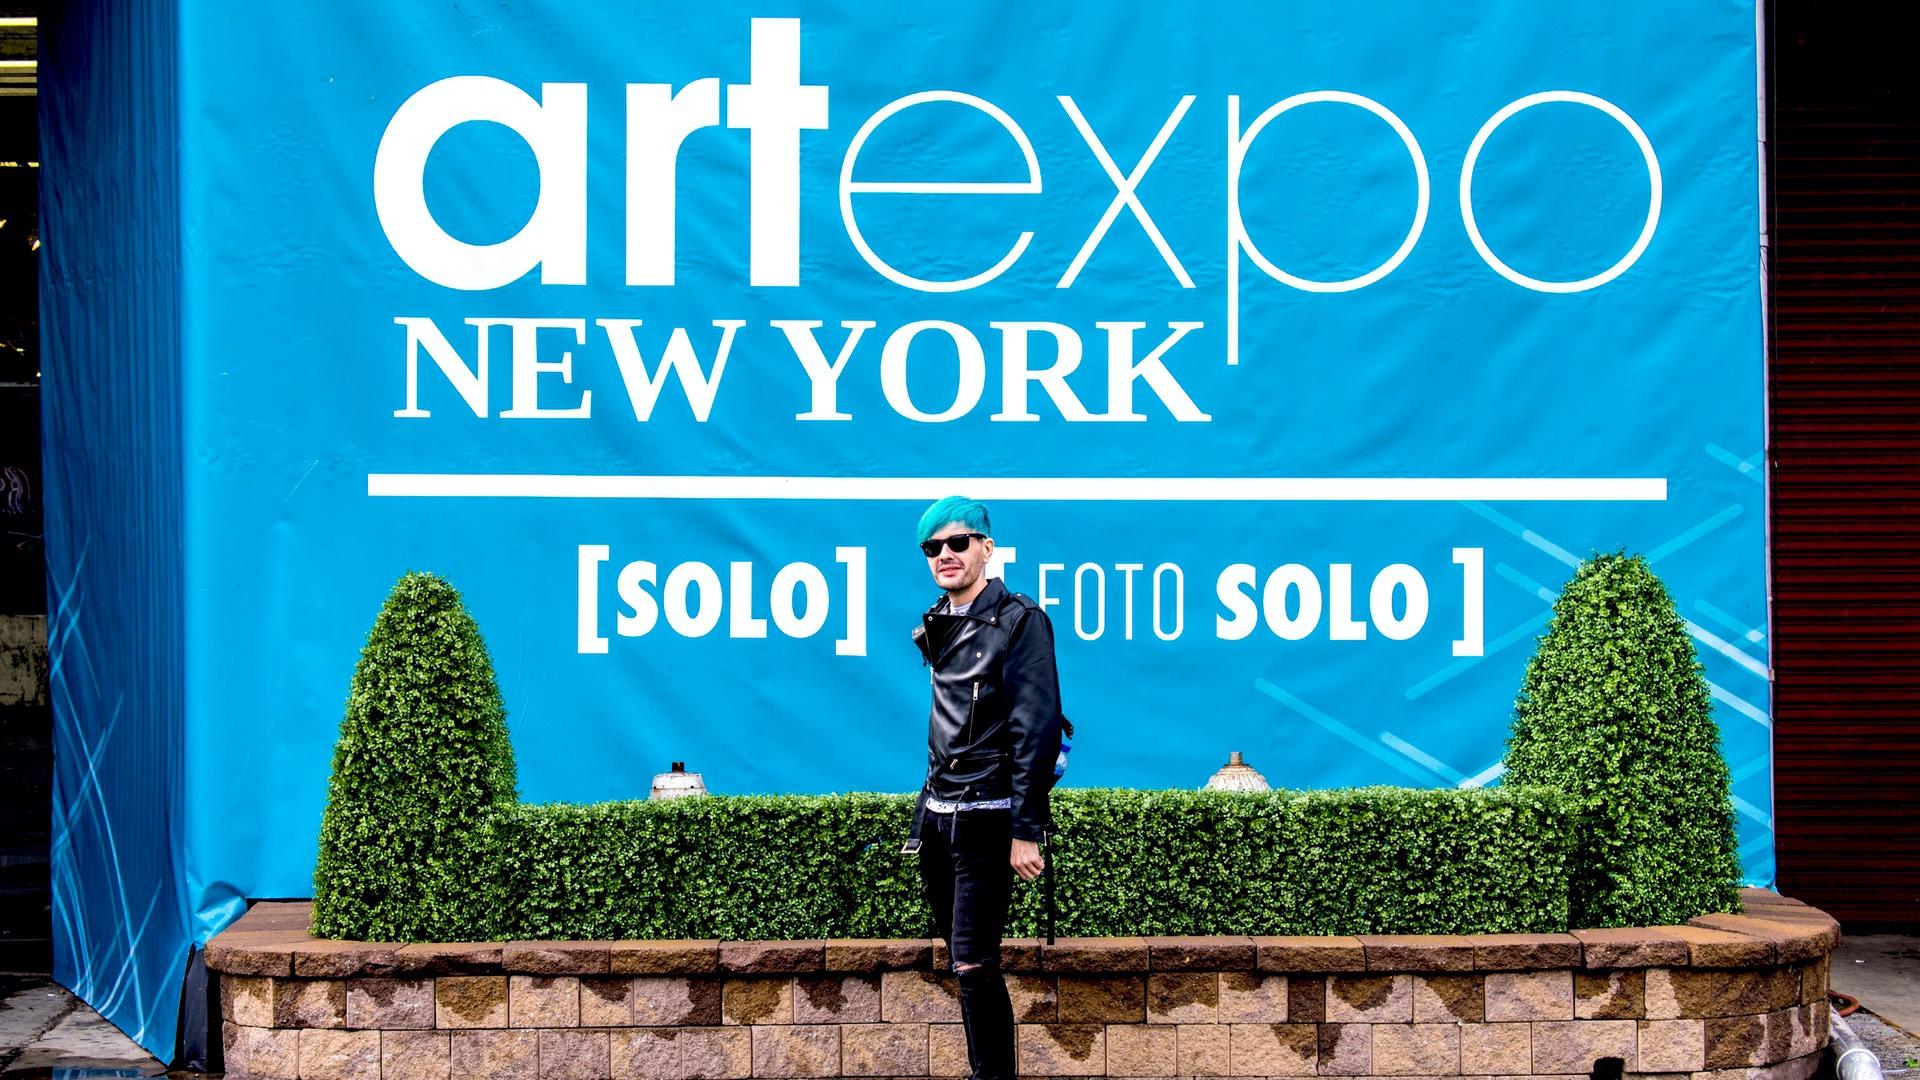 Haro Digital. Arranca el Artexpo New York con el riojano Pako Campo como único artista español independiente